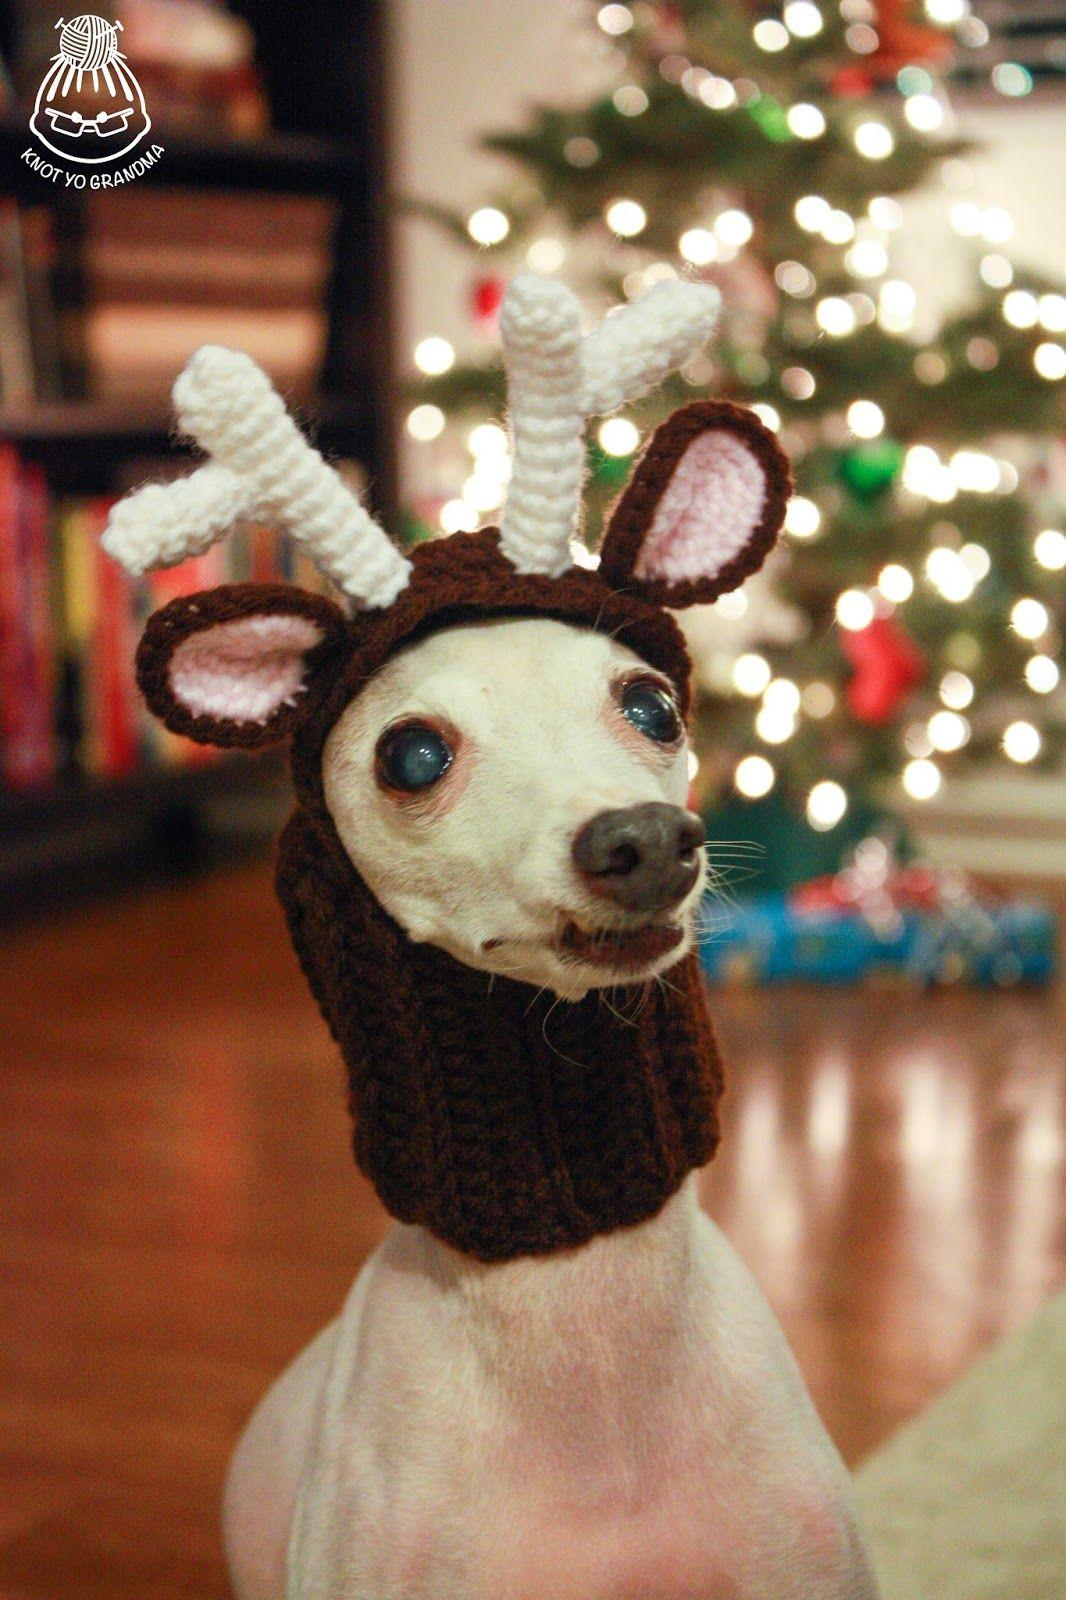 Free Crochet Reindeer Patterns The Lavender Chair Crochet Dog Hat Crochet Dog Hat Free Pattern Crochet Reindeer